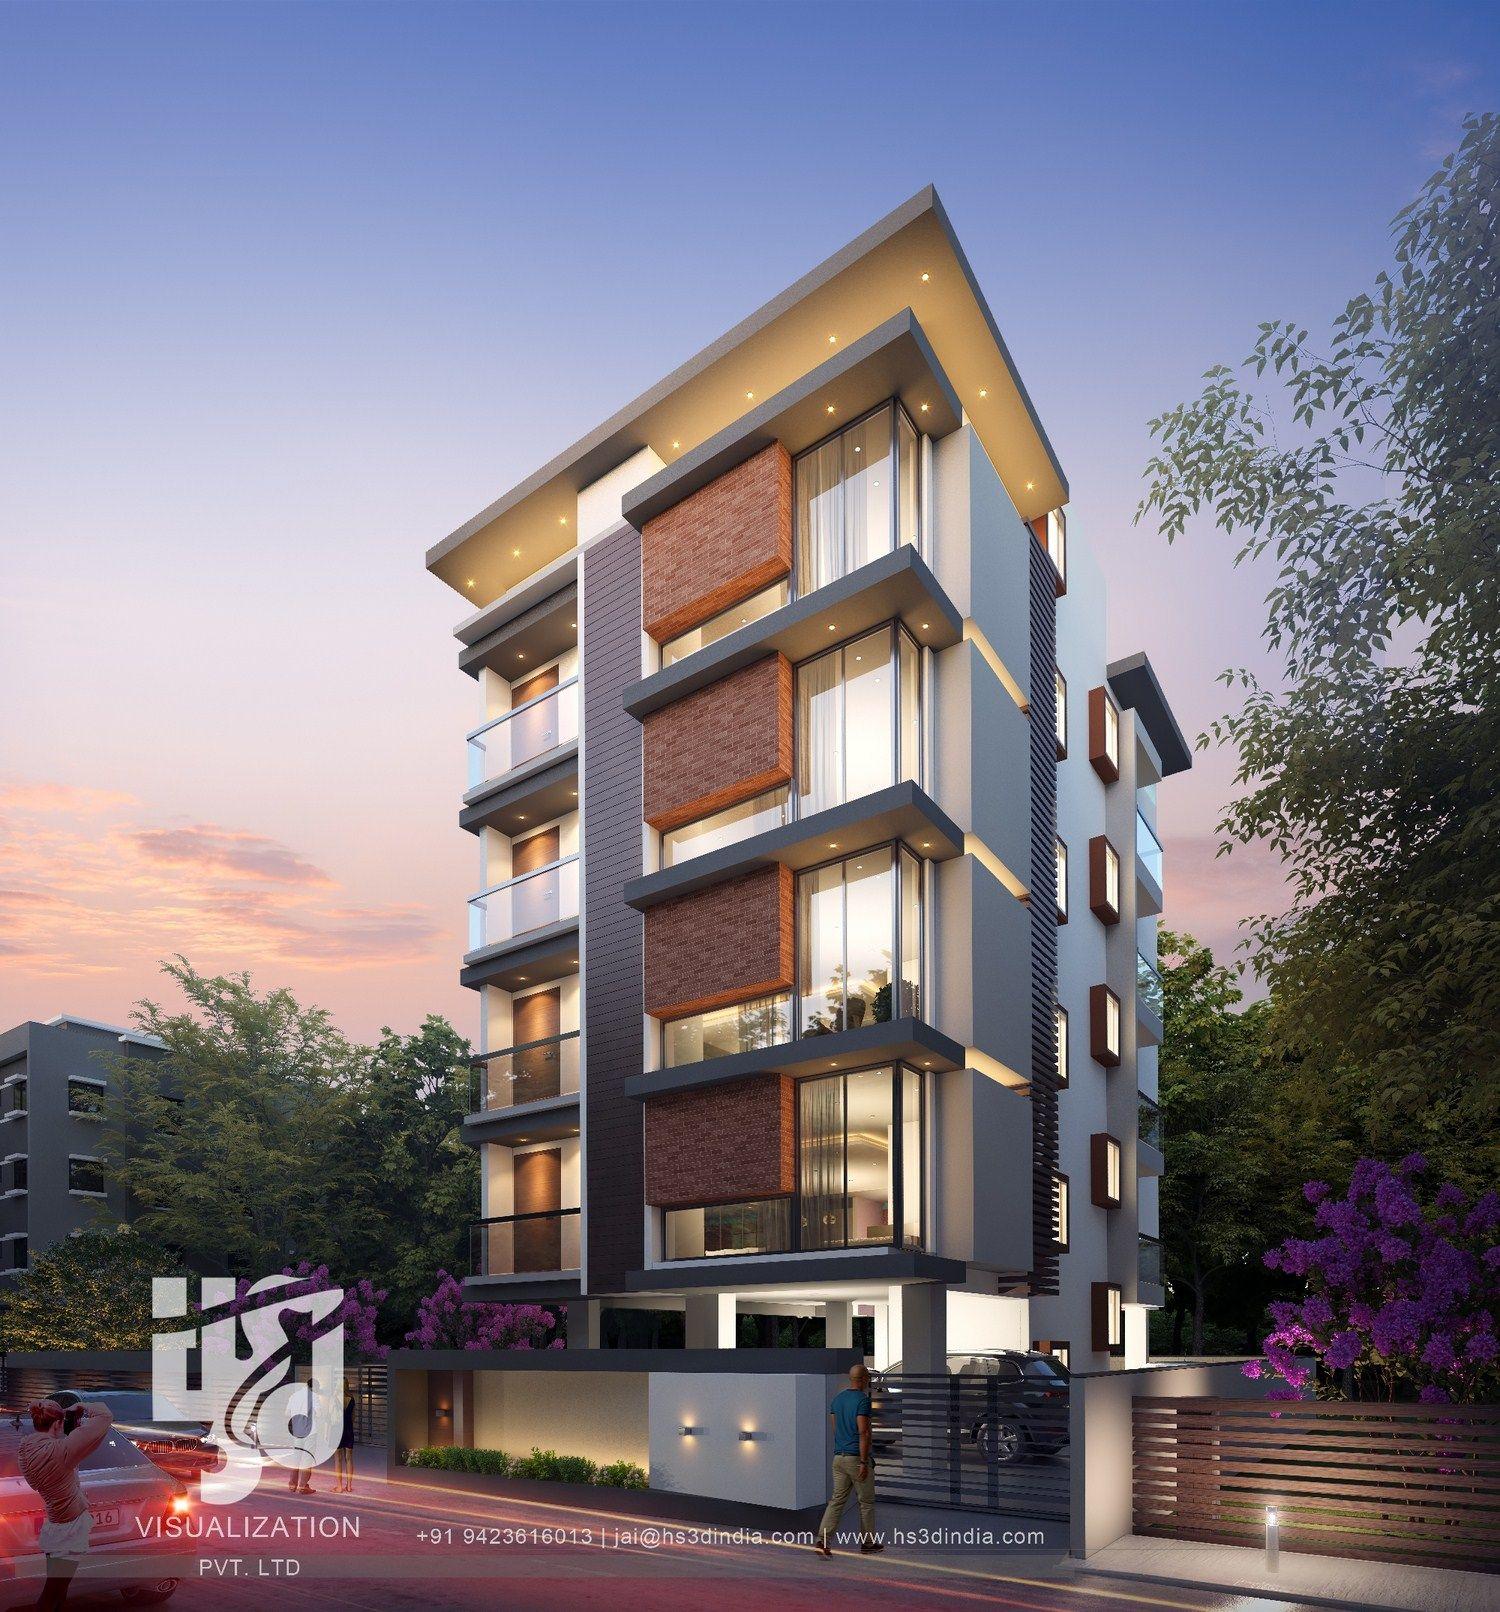 21 Modelos de fachadas de edificios